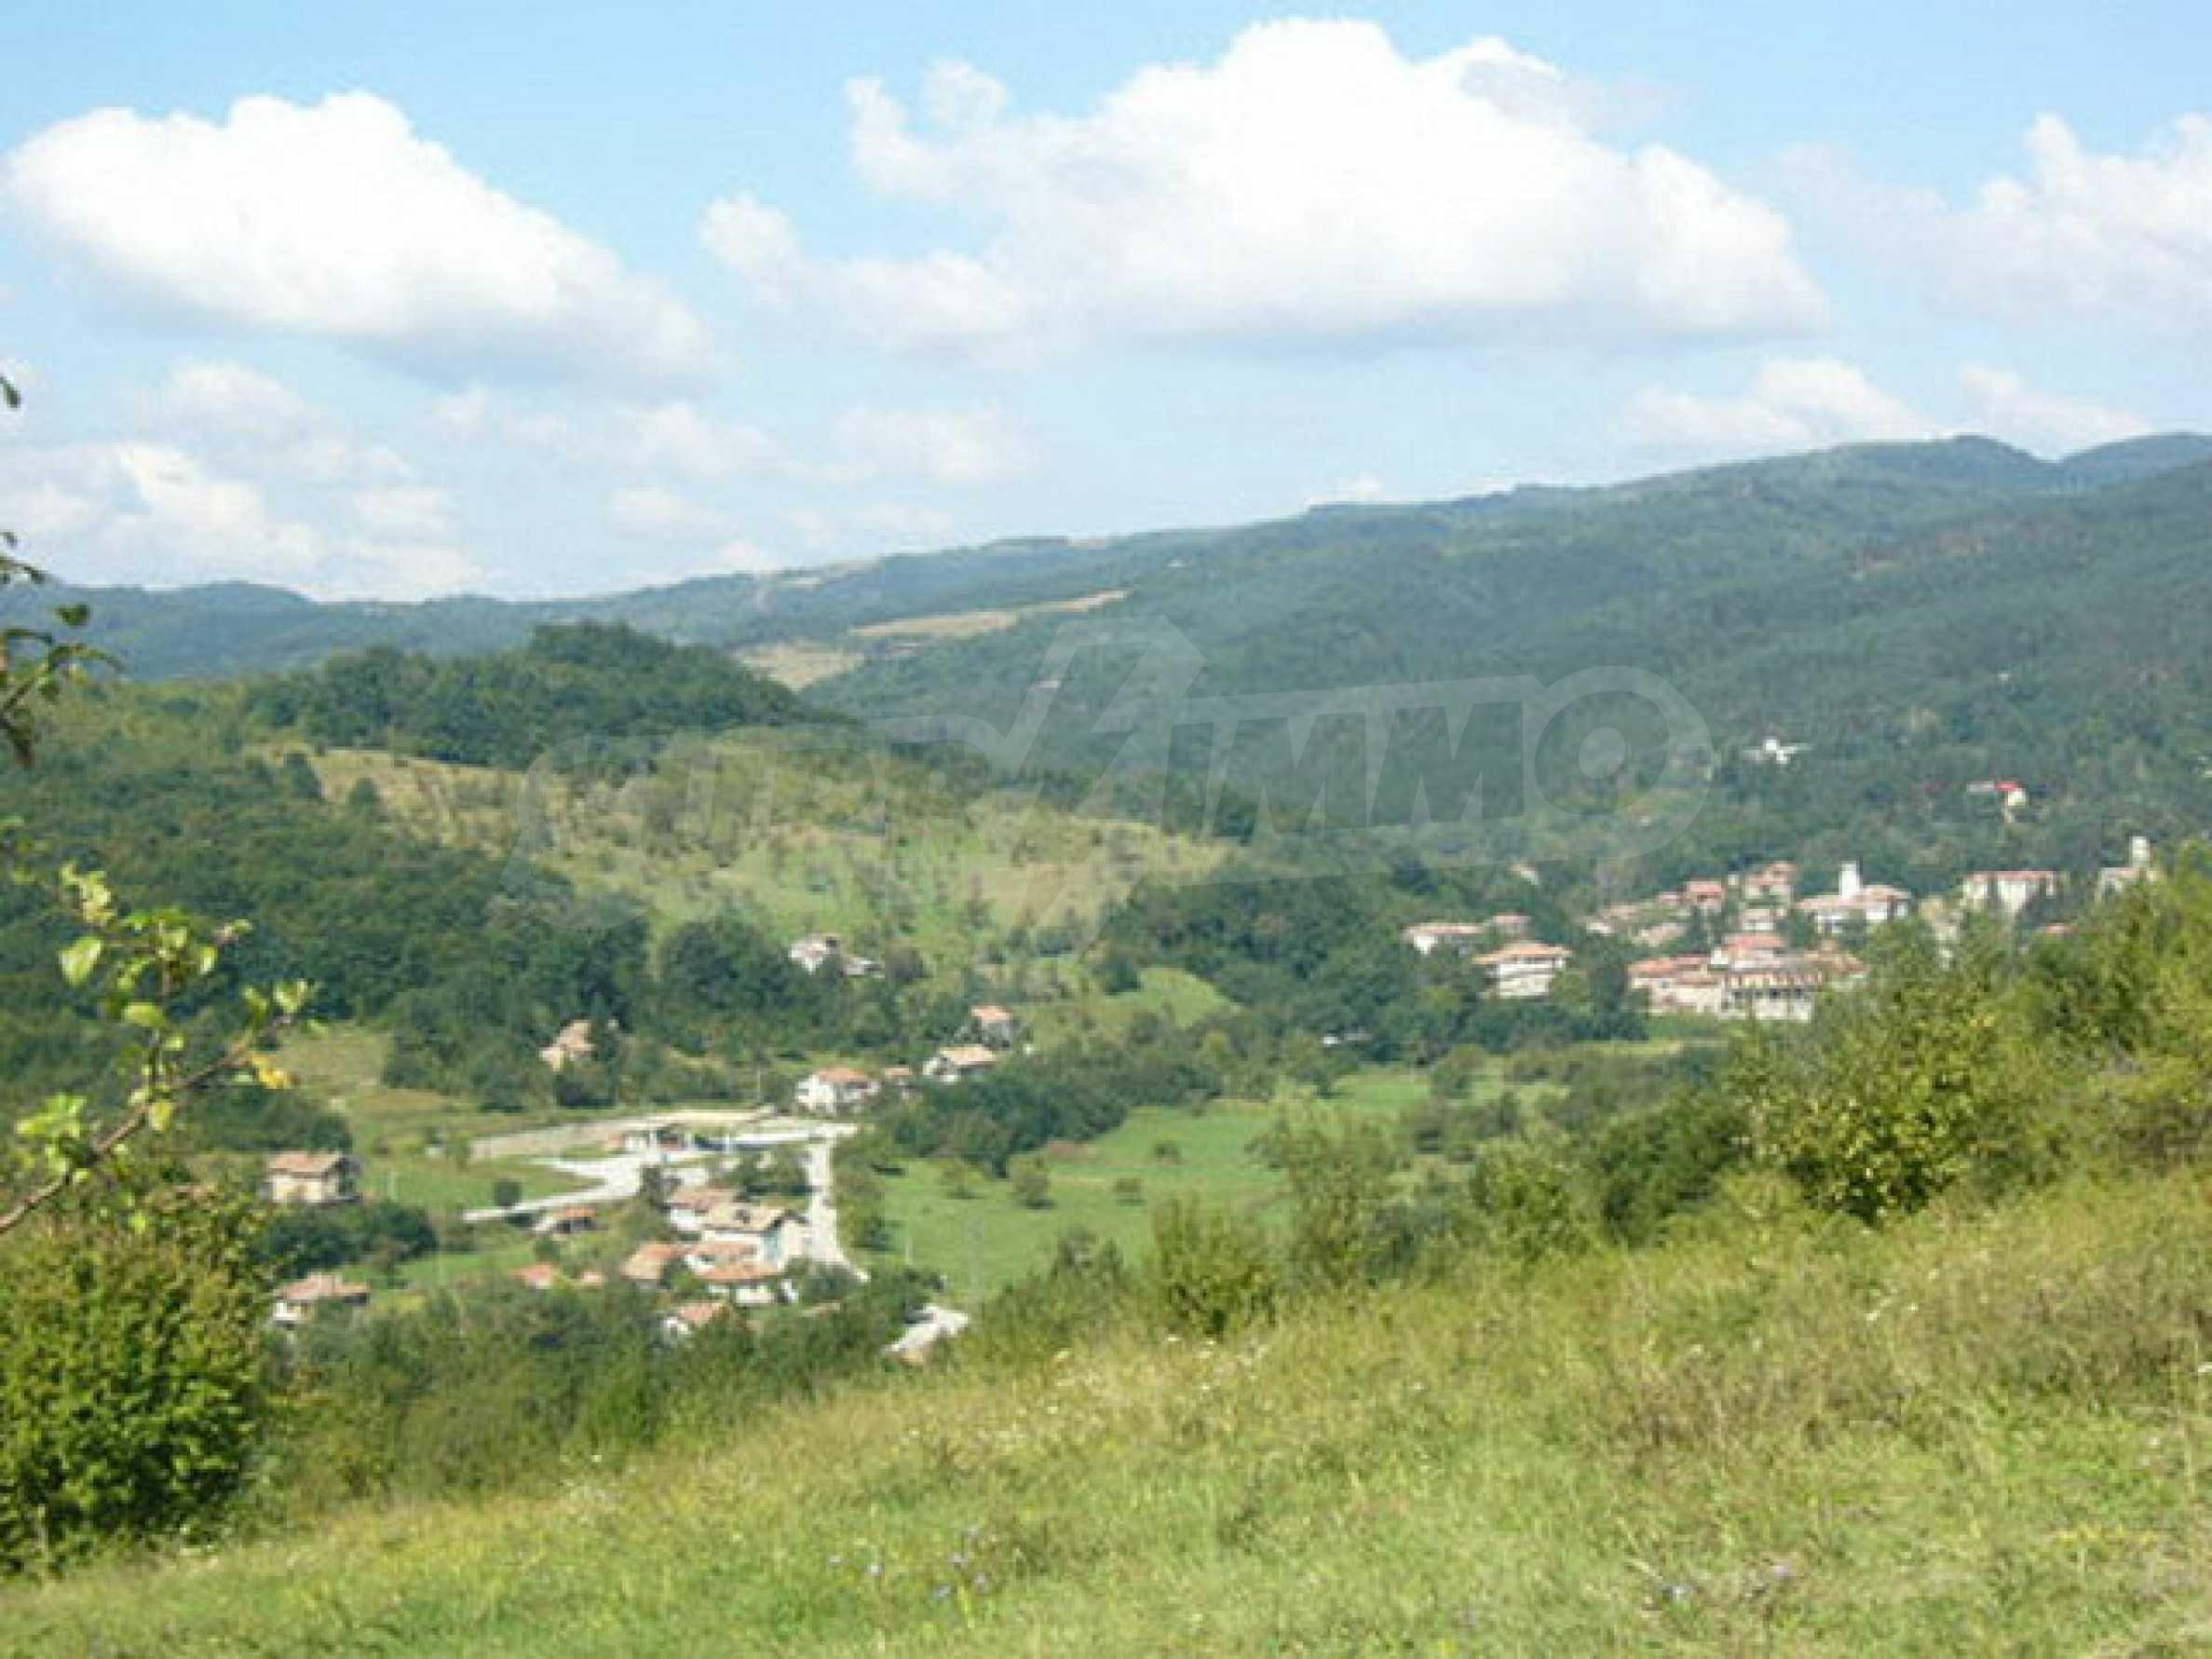 Reguliertes Anwesen in einem Dorf, das mit seinen Mineralquellen beliebt ist